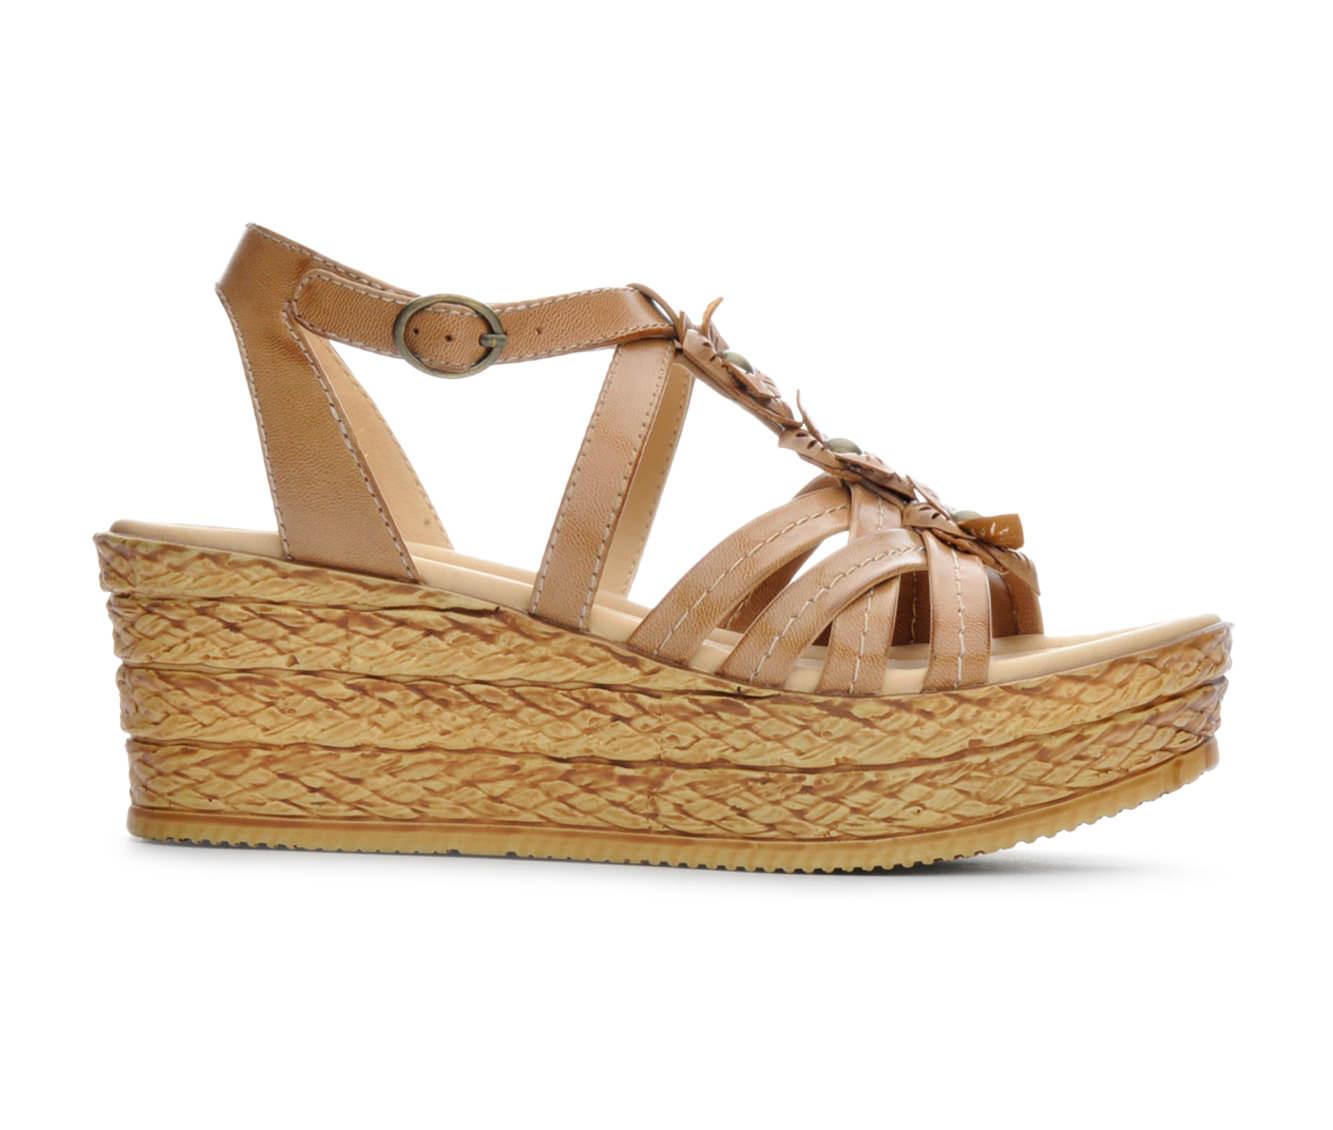 Women's BareTraps Fuchsia Sandals (Beige)